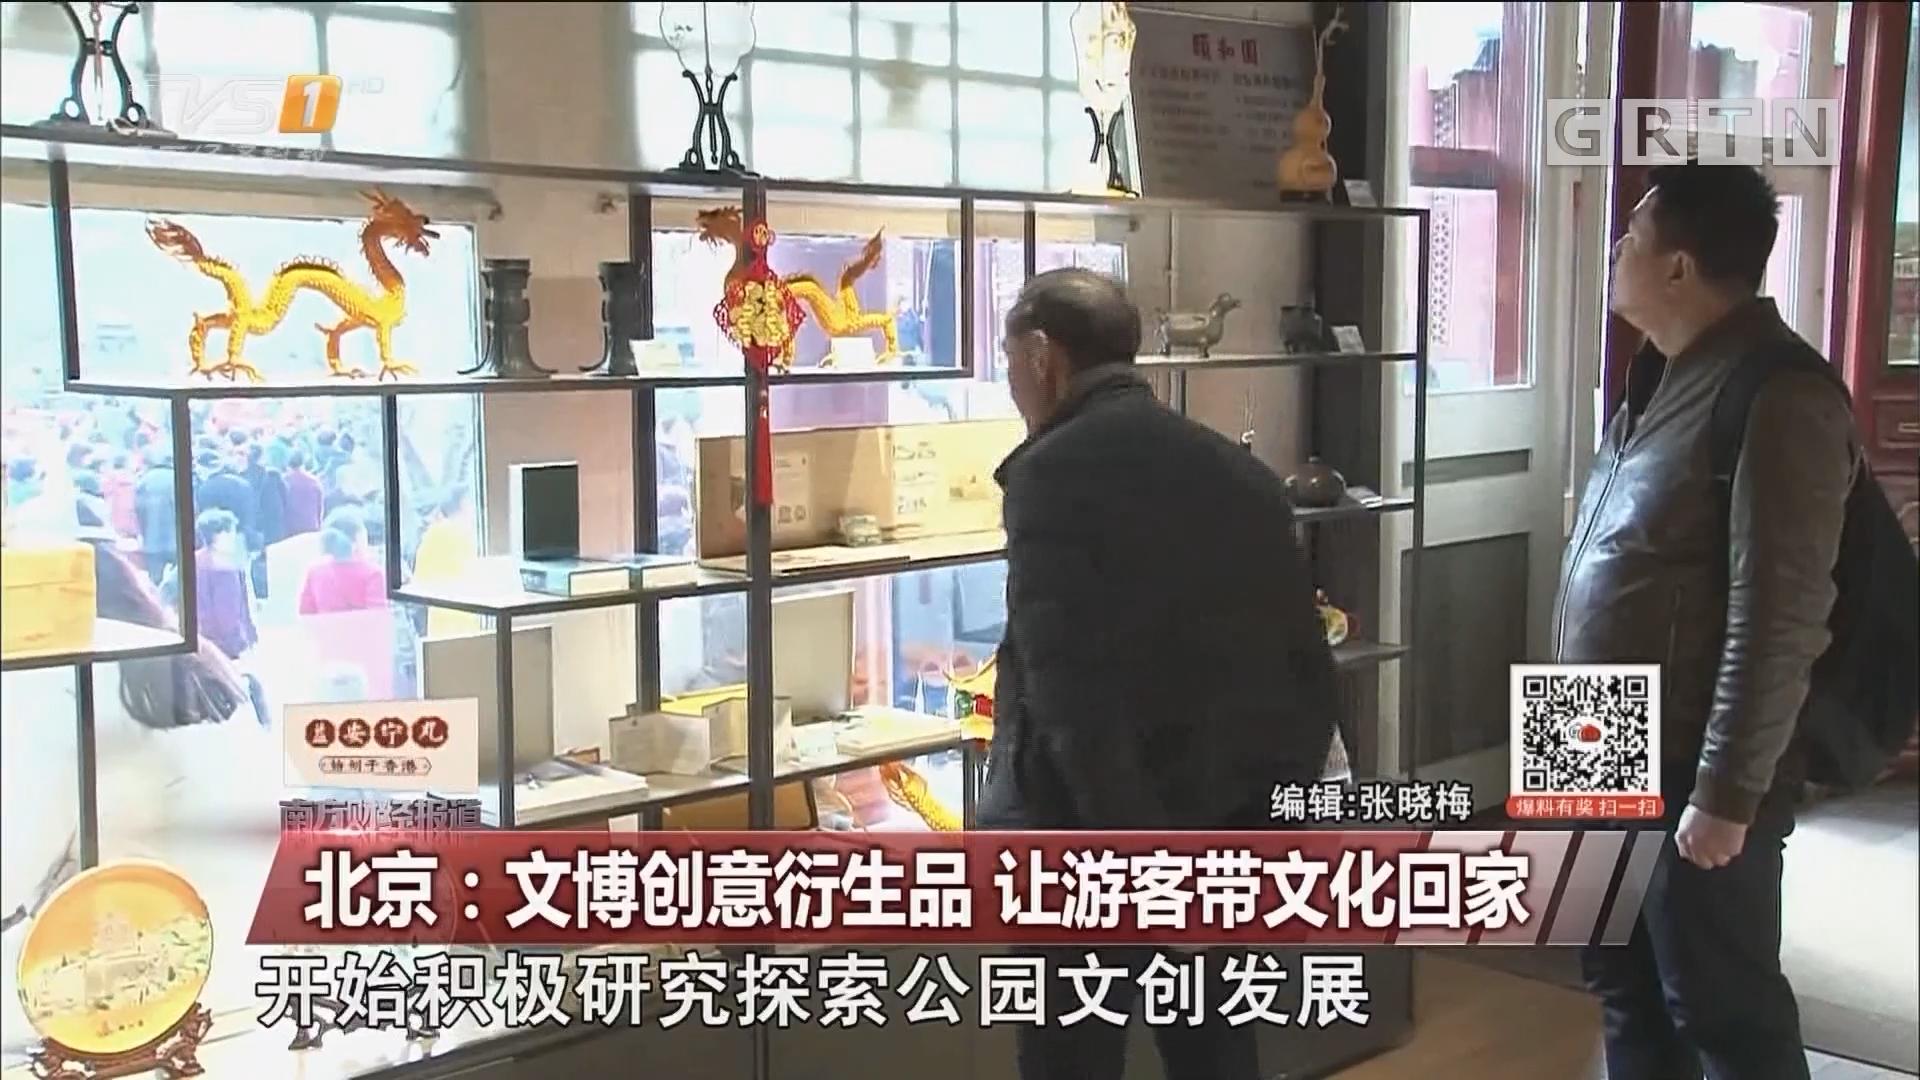 北京:文博创意衍生品 让游客带文化回家